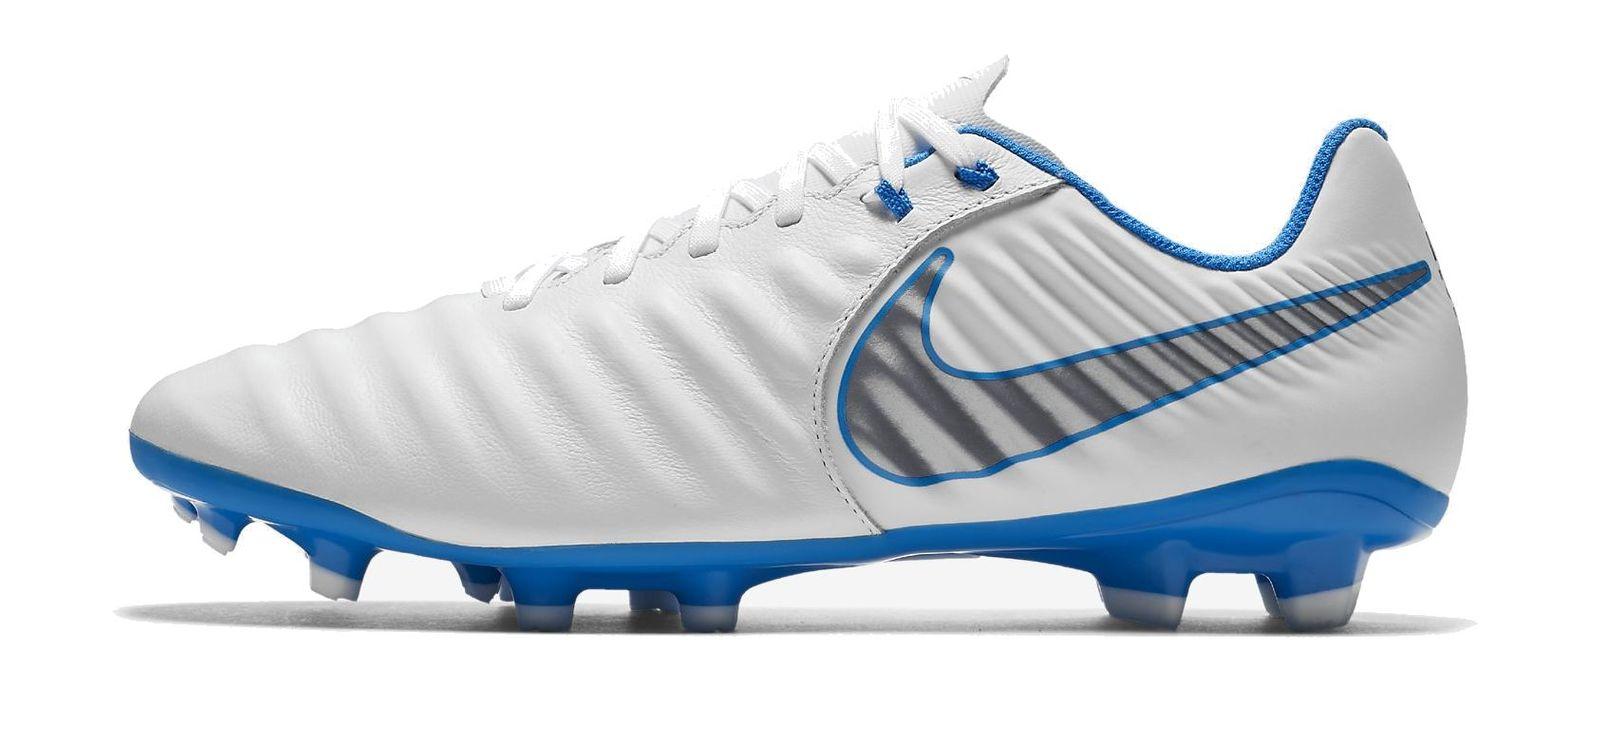 Arranque de Nockenschuh de los hombres de Nike Tiempo legend blanco VII  Academia FG azul bb113b77fe765